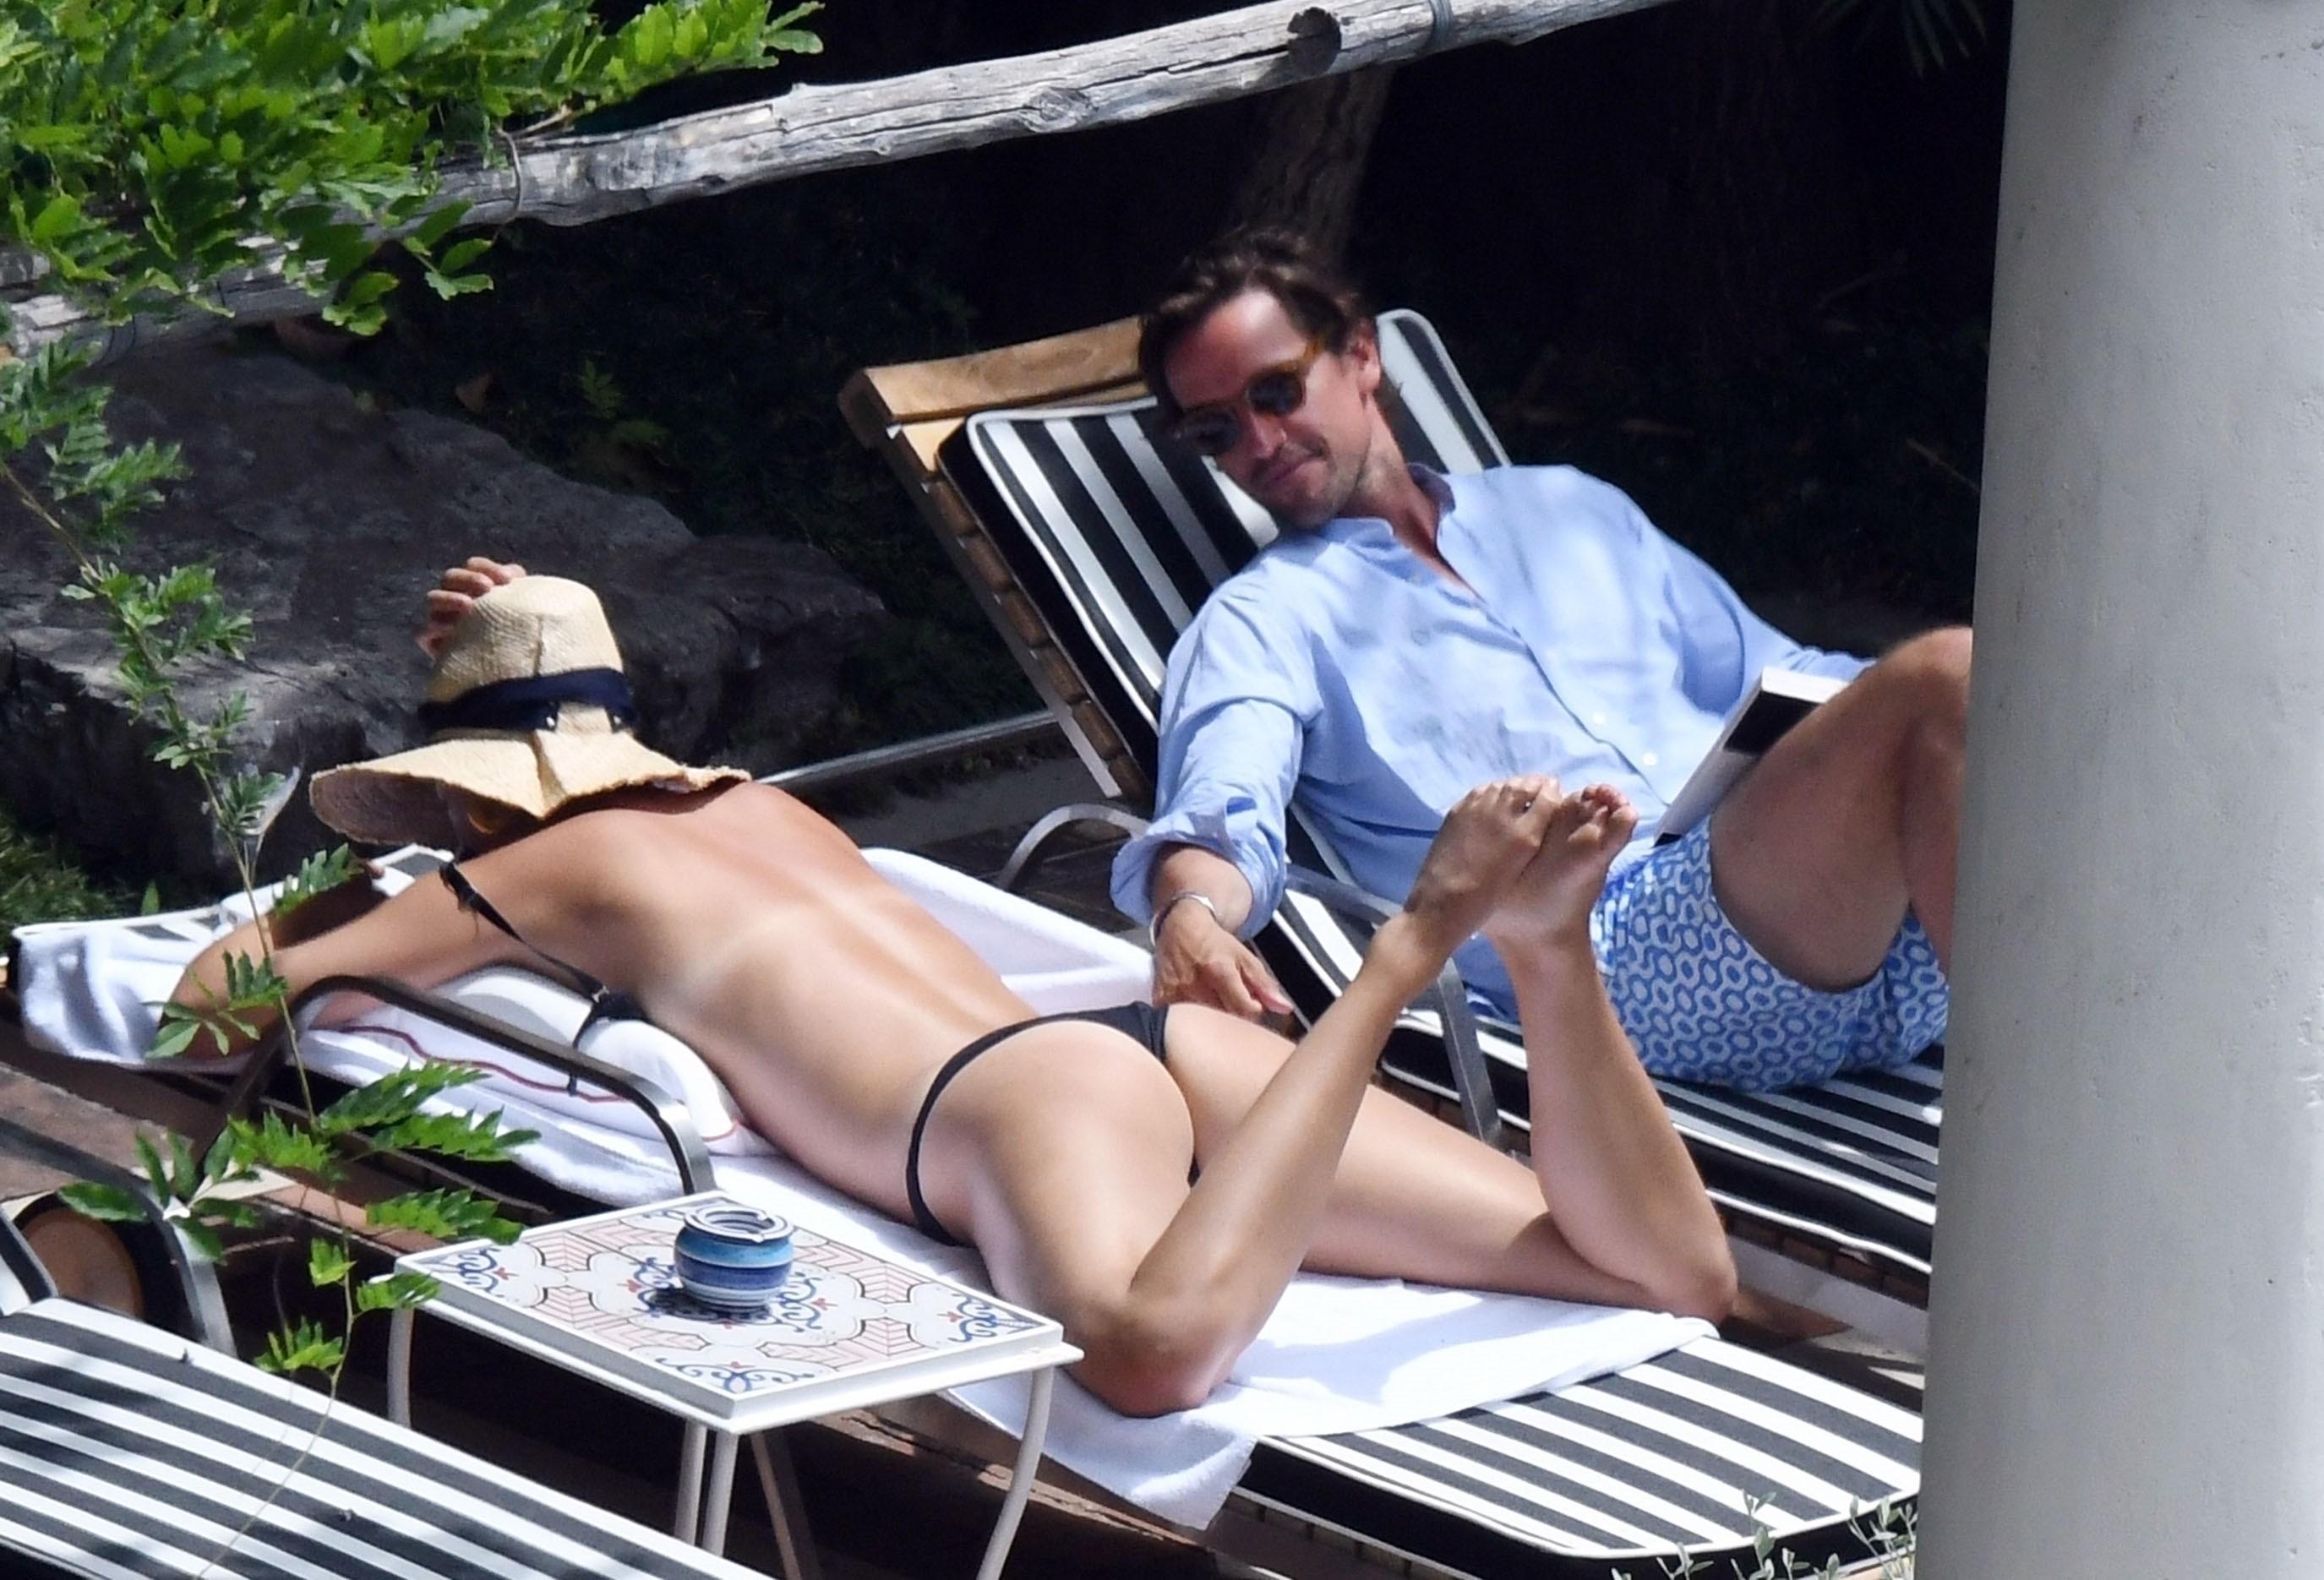 Mara Sharpova Nude, Naked - Pics And Videos -5249